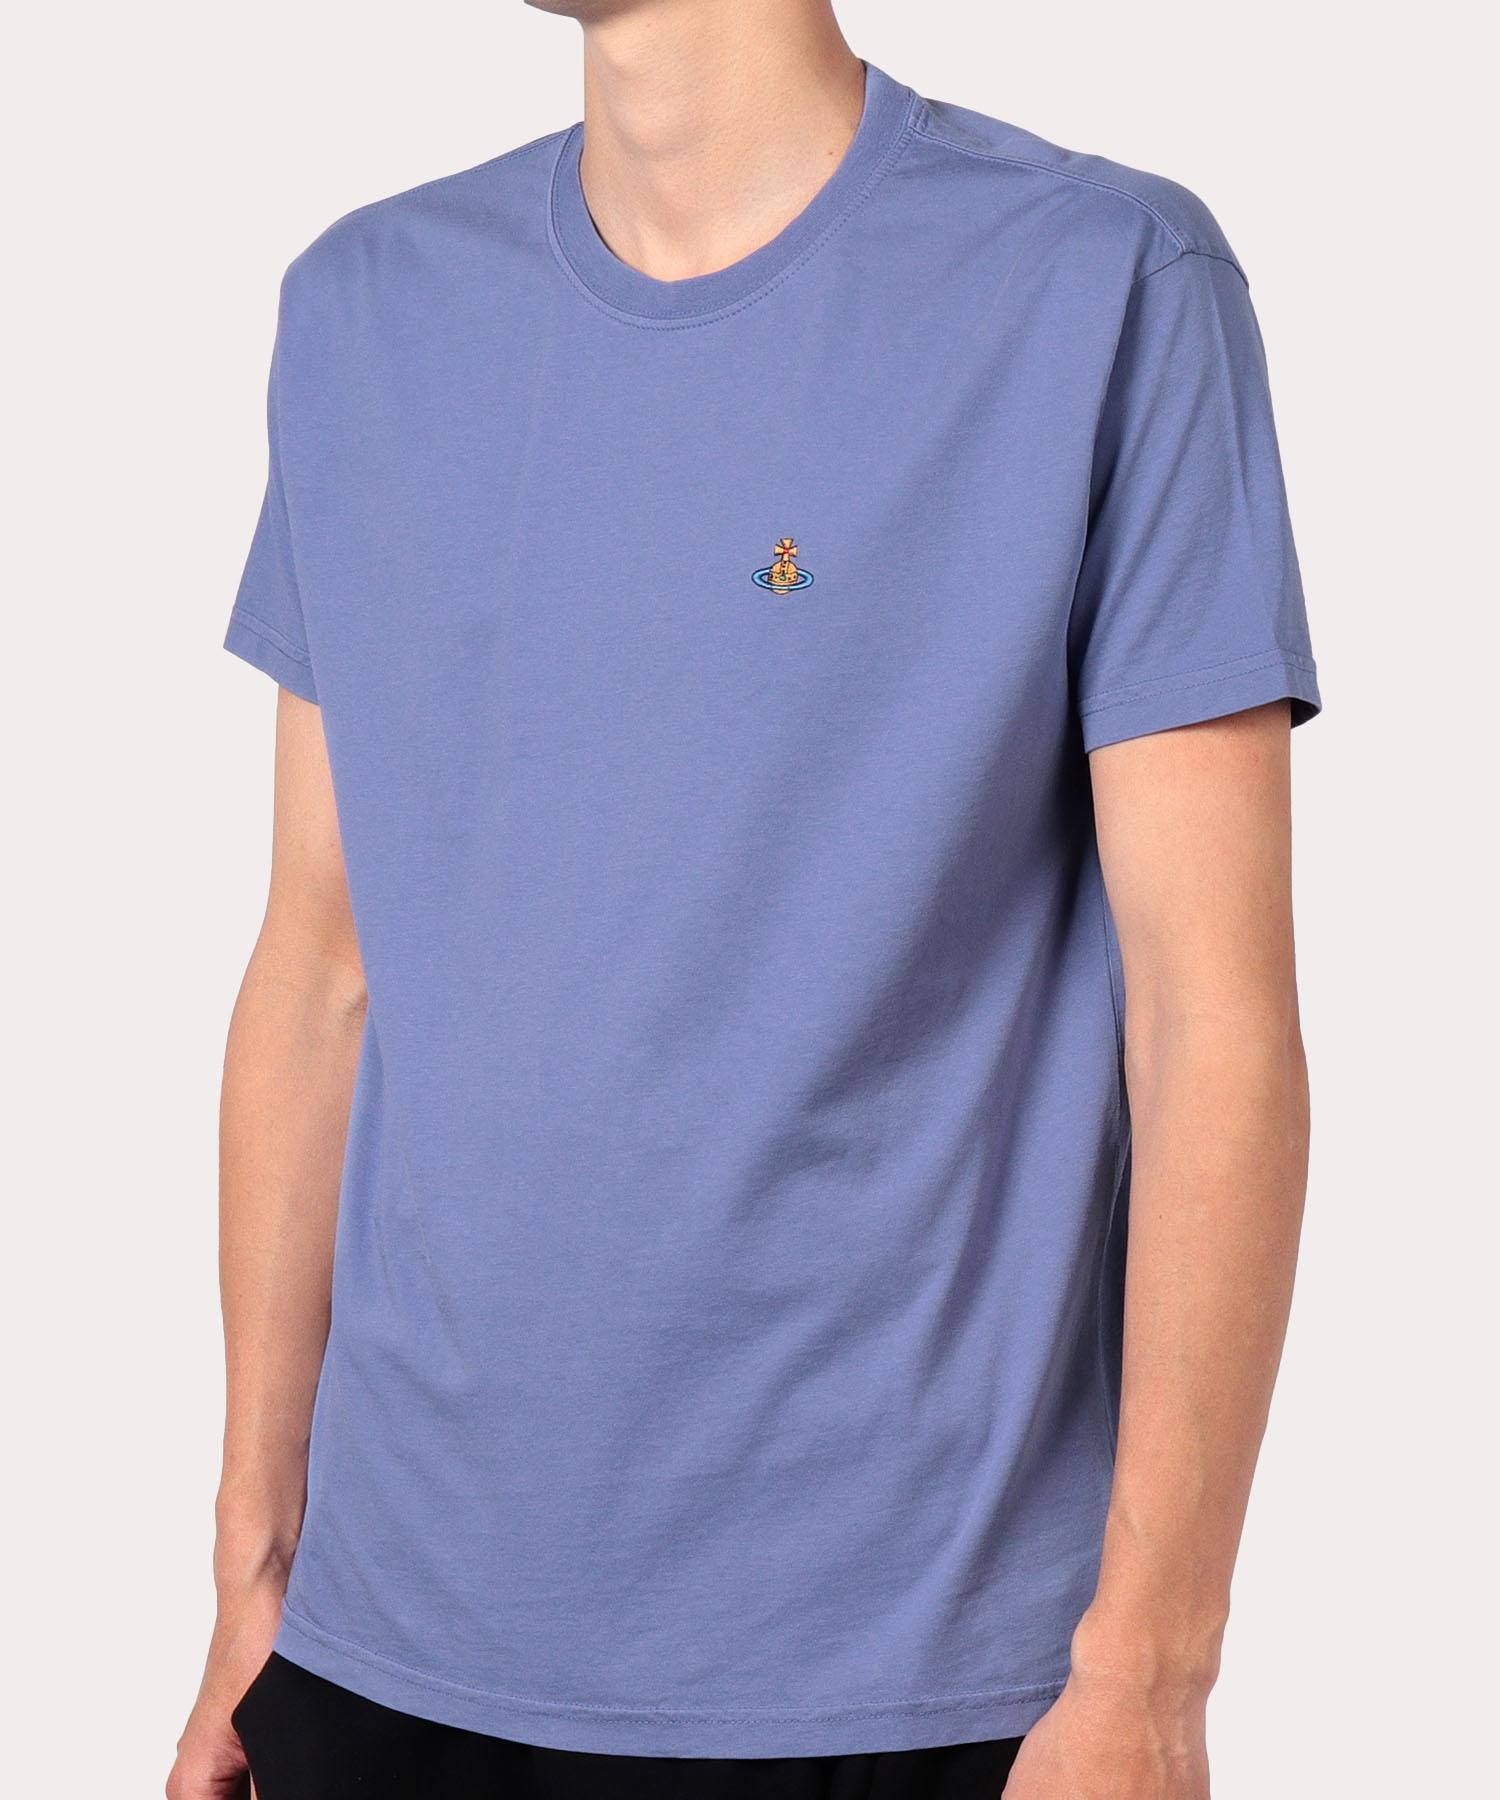 CLASSIC 半袖Tシャツ